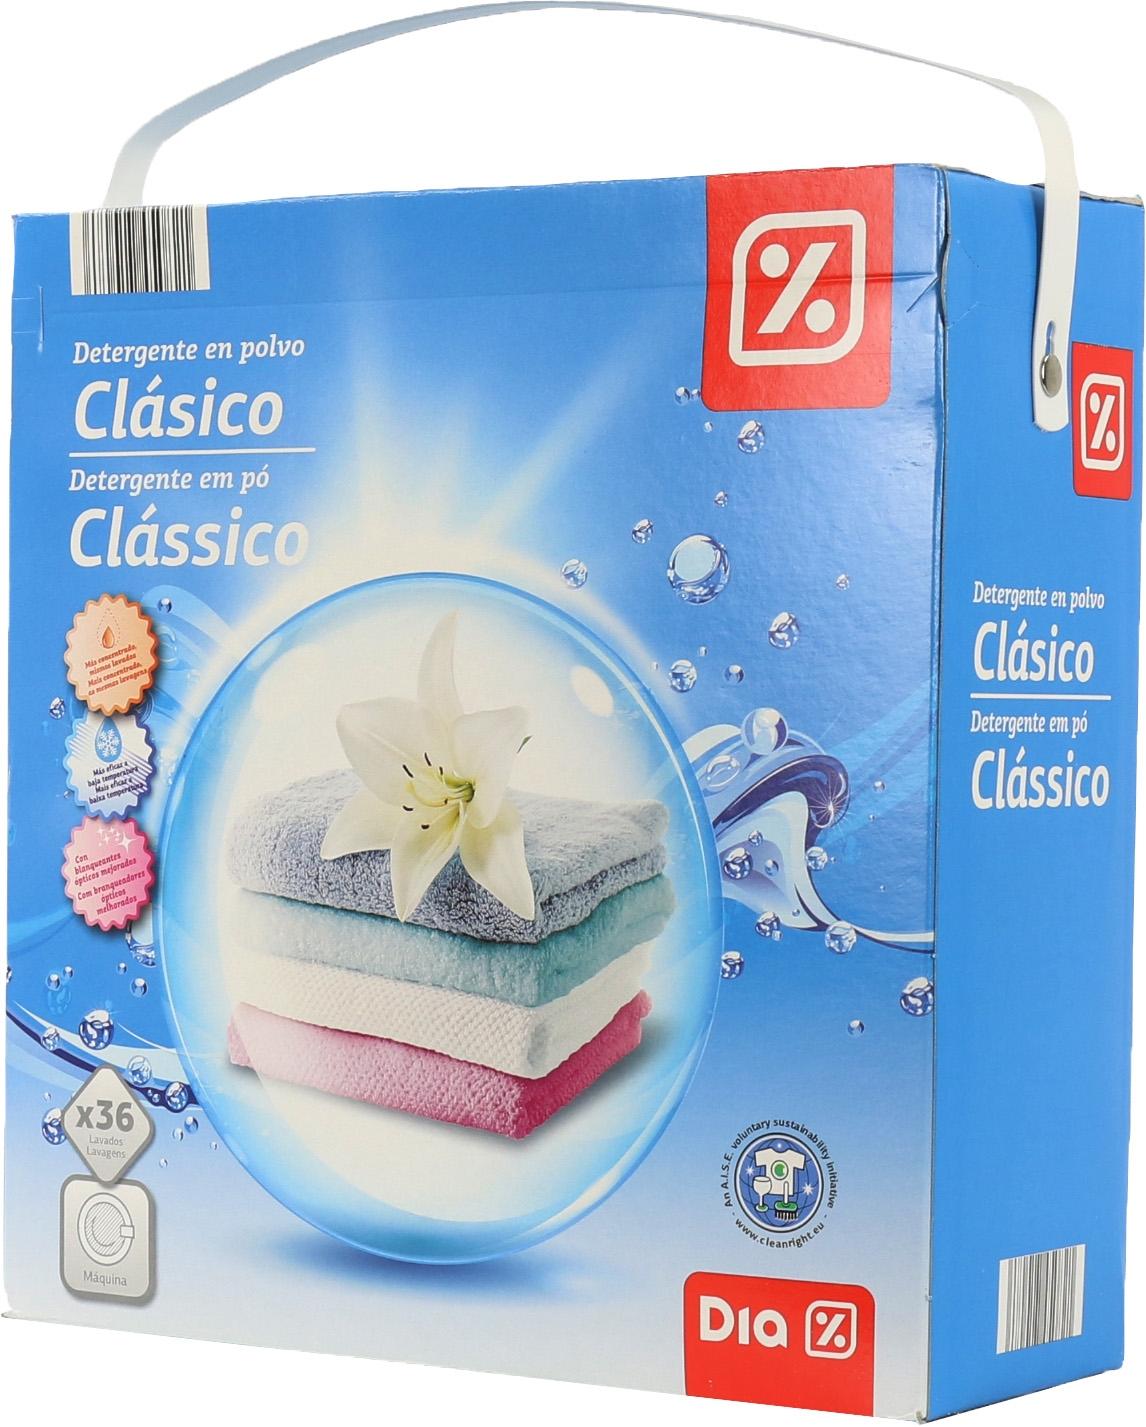 An Lisis De Dia Cl Sico Comparador De Detergentes Para Lavadoras Ocu ~ Mejor Detergente Lavadora Calidad Precio